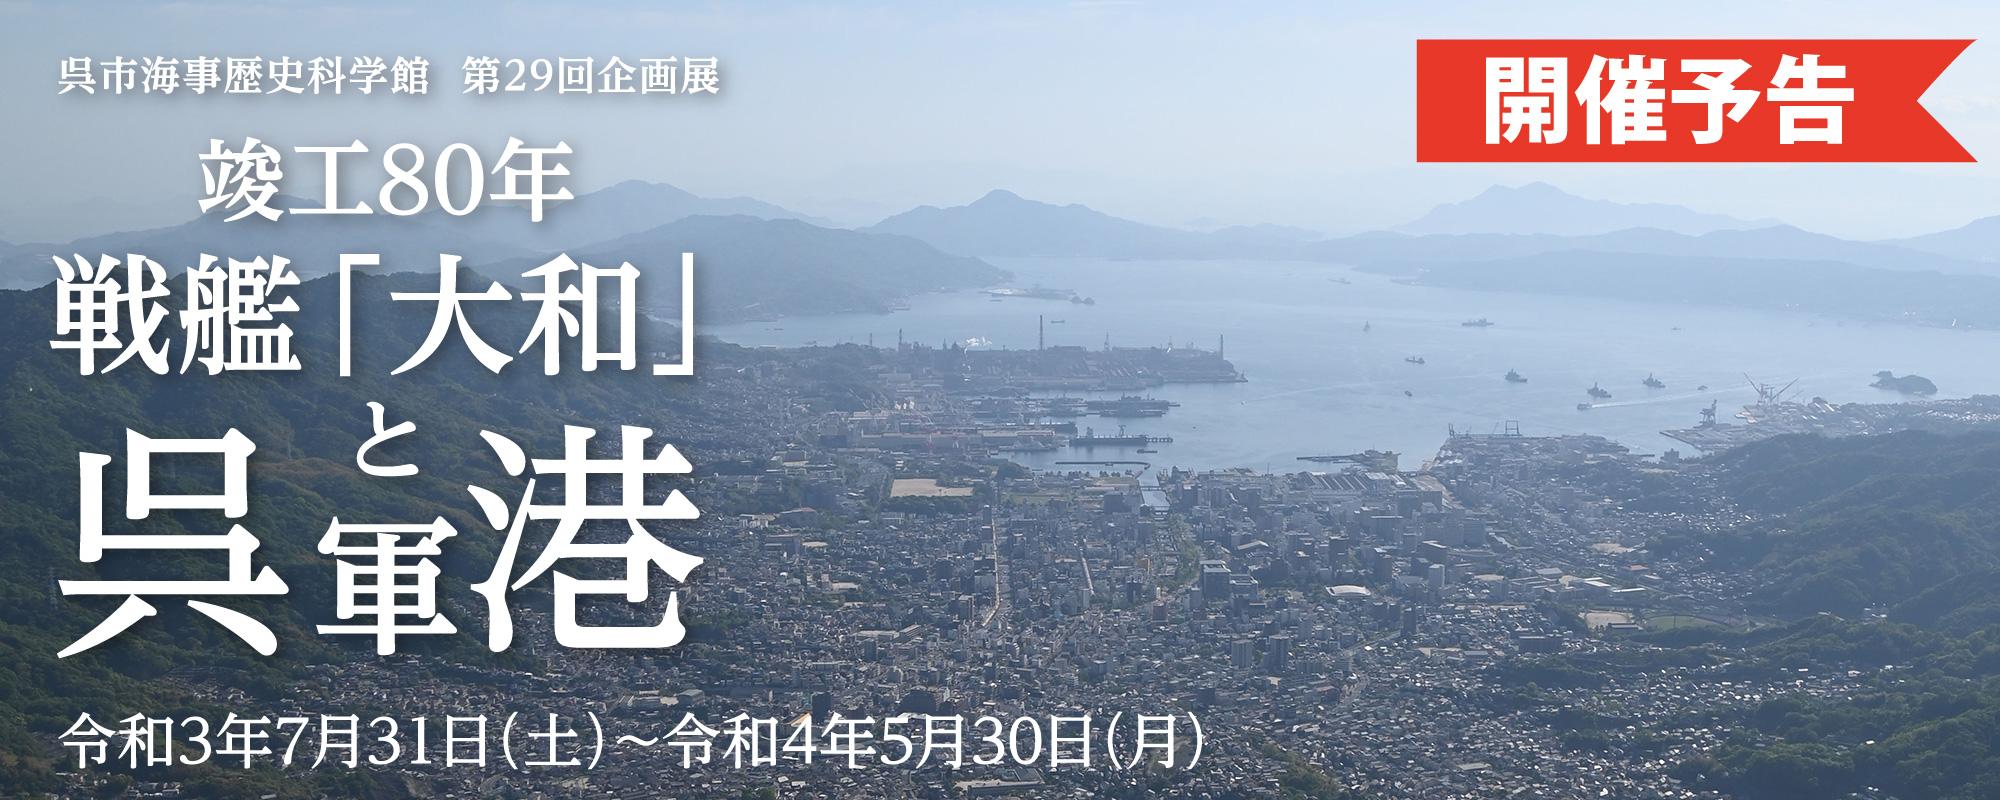 戦艦「大和」と呉軍港【開催予告】